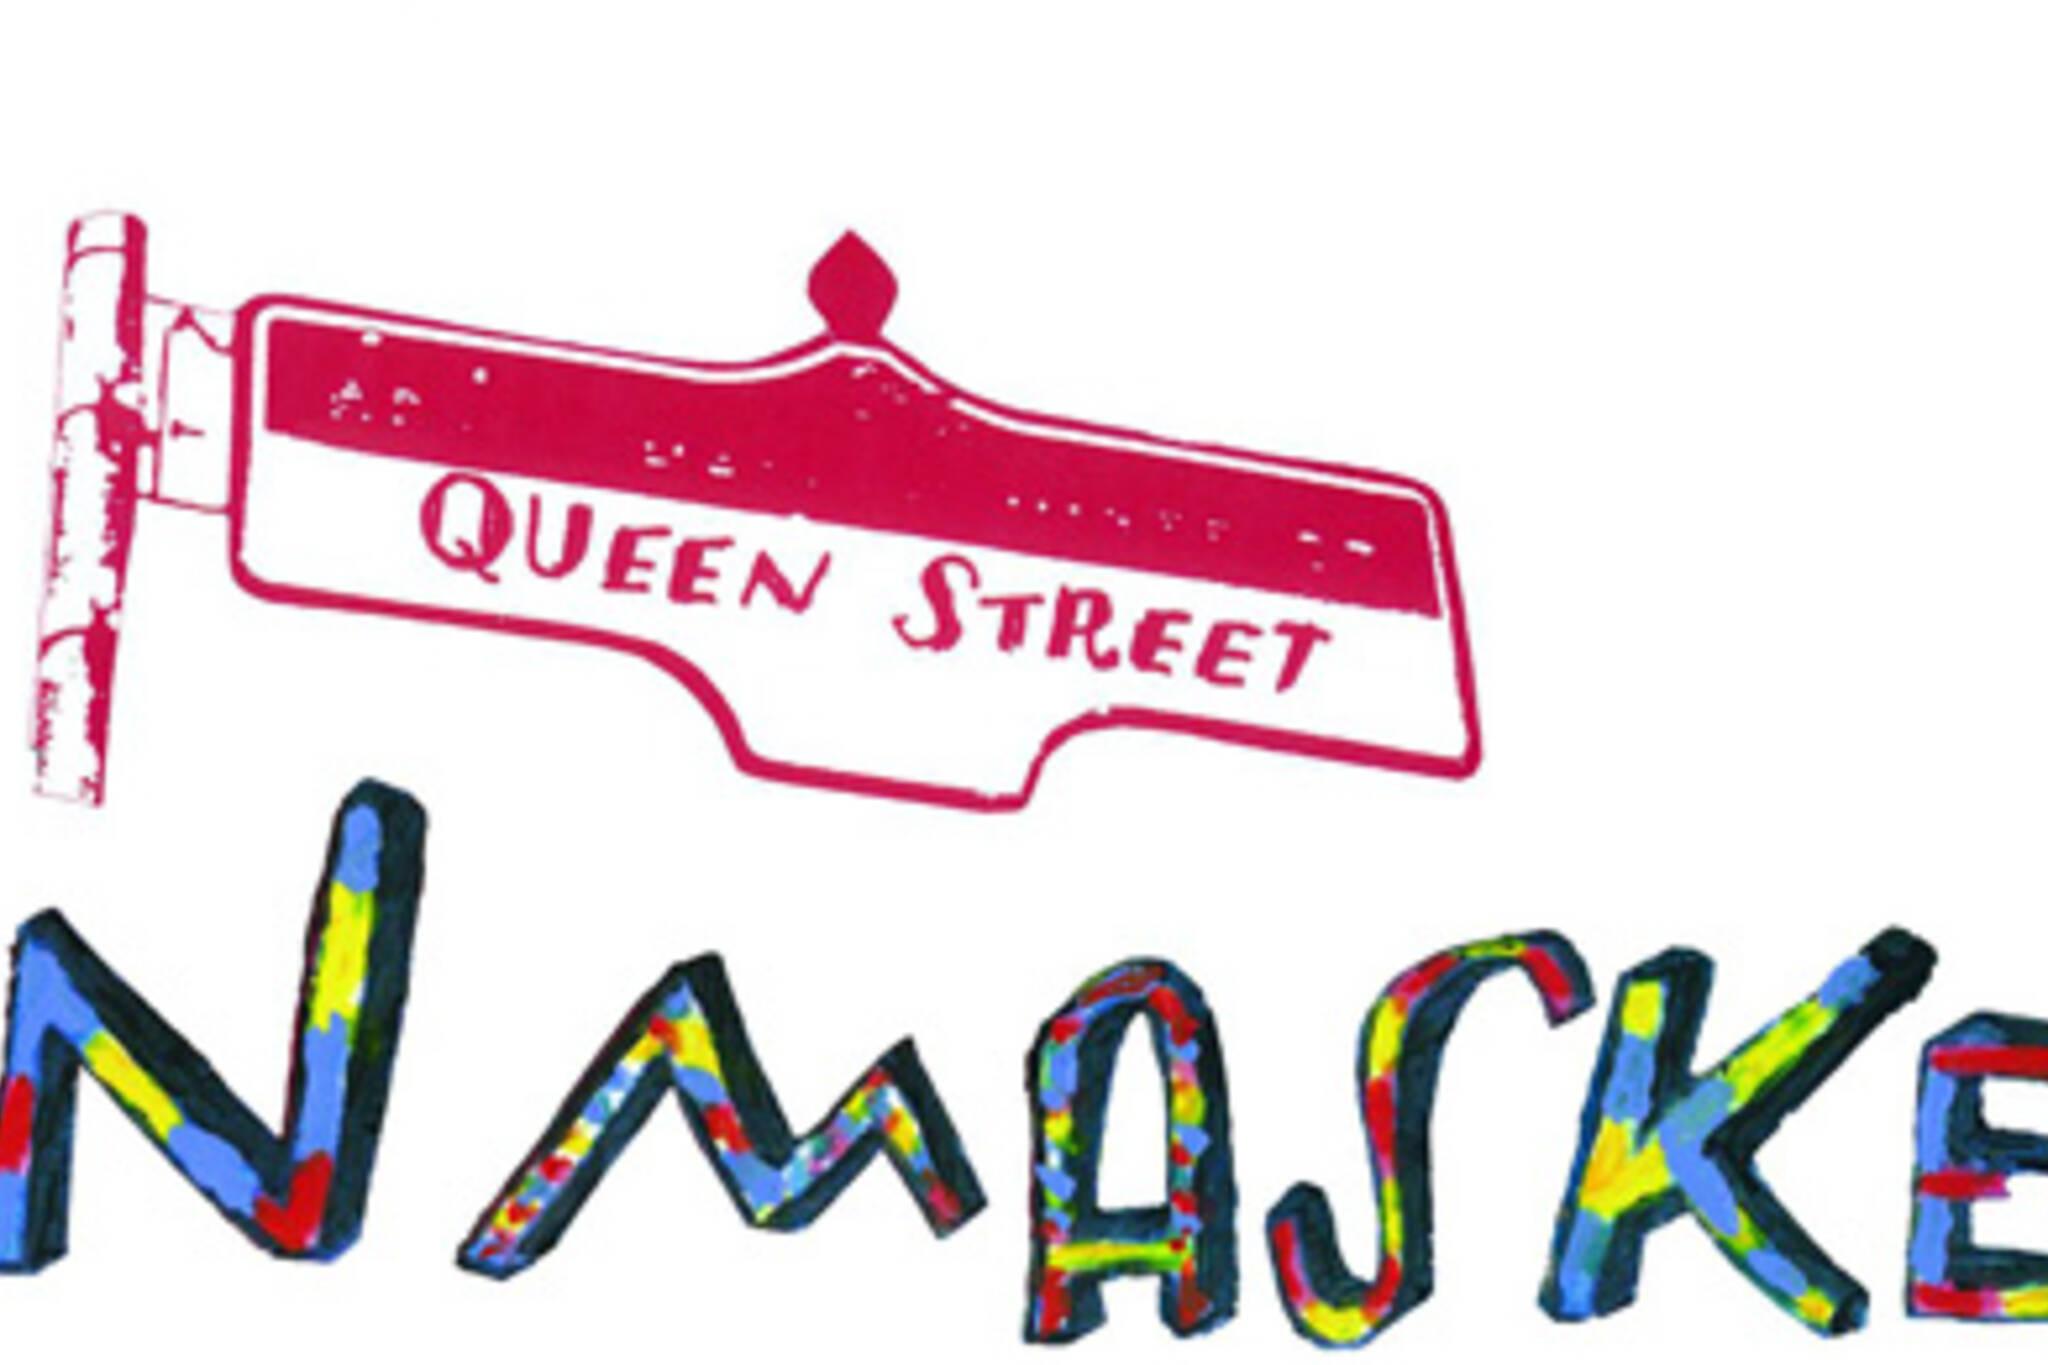 QueenStreetUnmasked